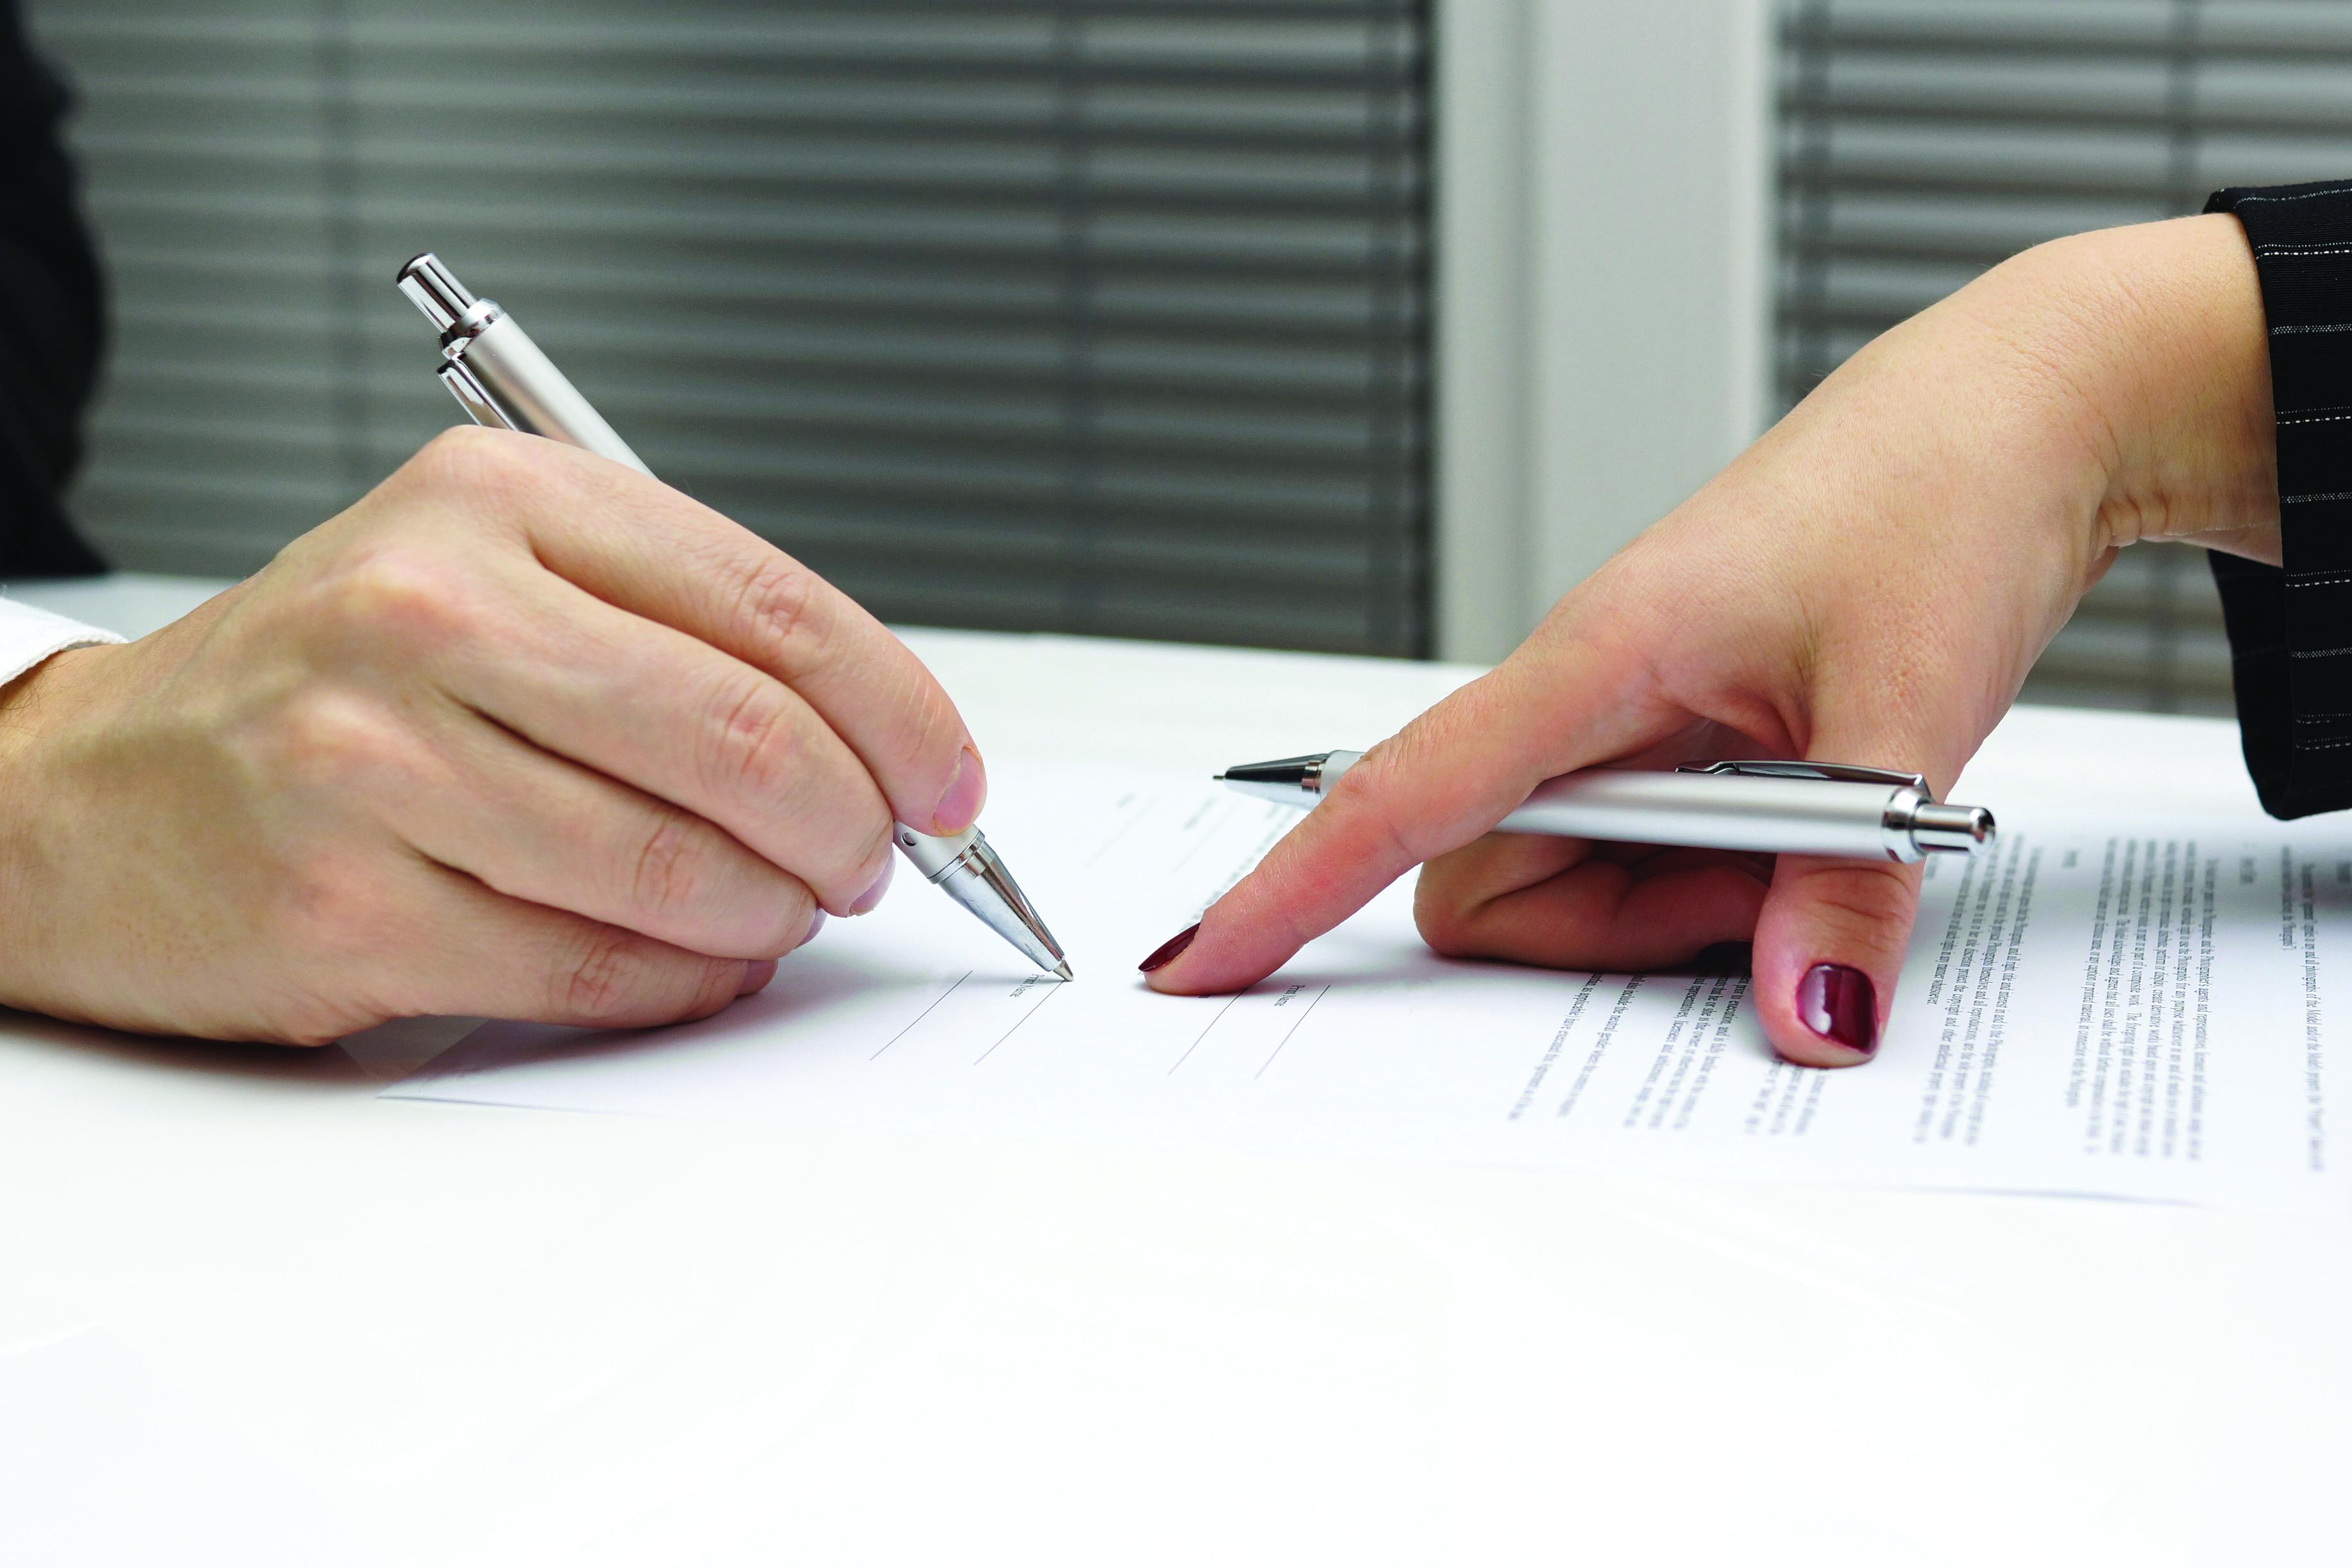 Исковое заявление может быть подано в суд в течение трех лет с момента уплаты госпошлины за его подачу